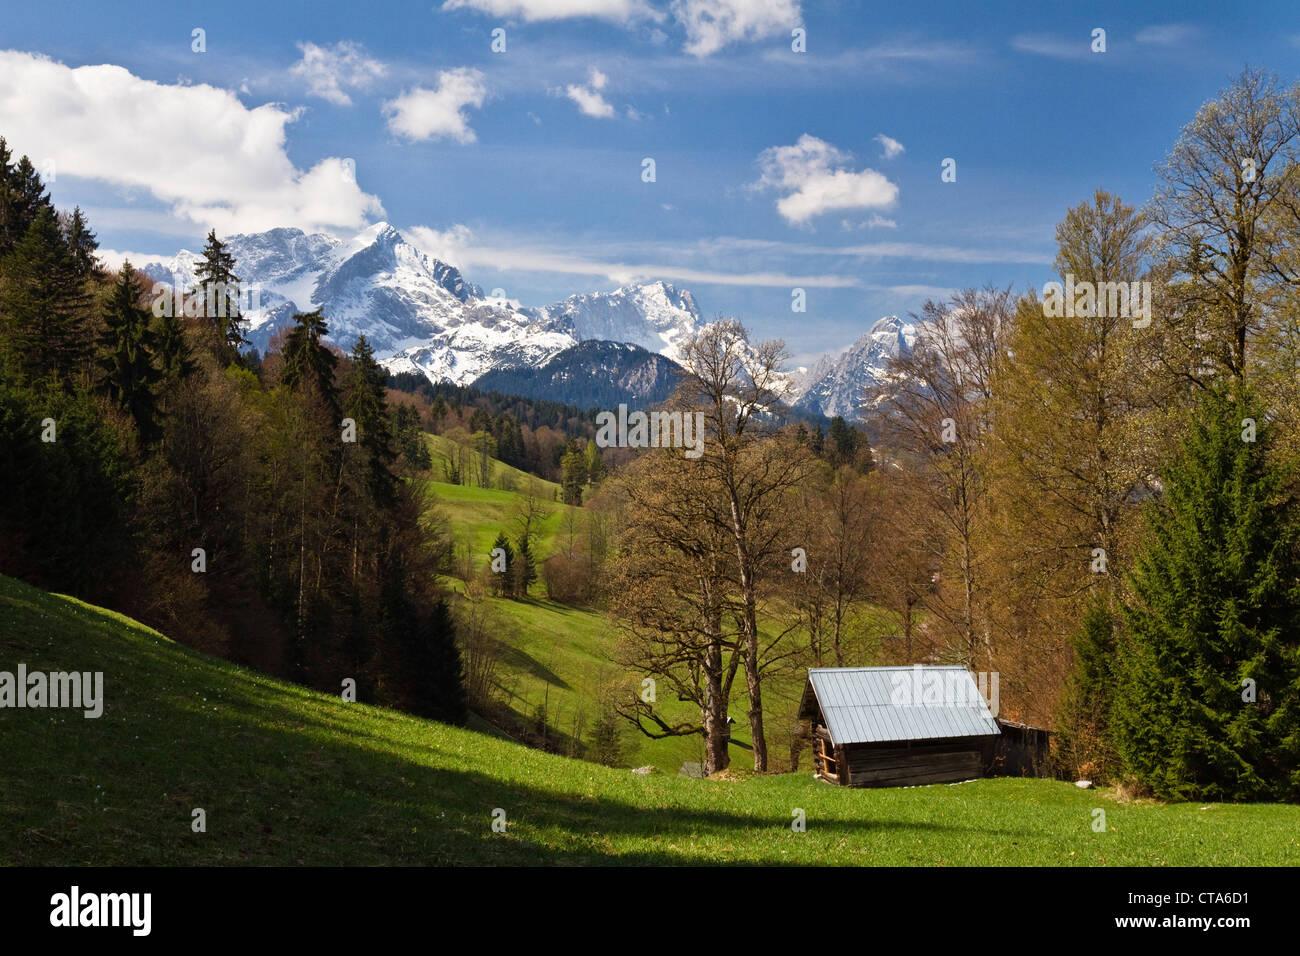 Vista hacia la cordillera con Alpspitze Wetterstein, Zugspitze y Waxnstein, Wamberg, Werdenfelser Land, la Alta Imagen De Stock